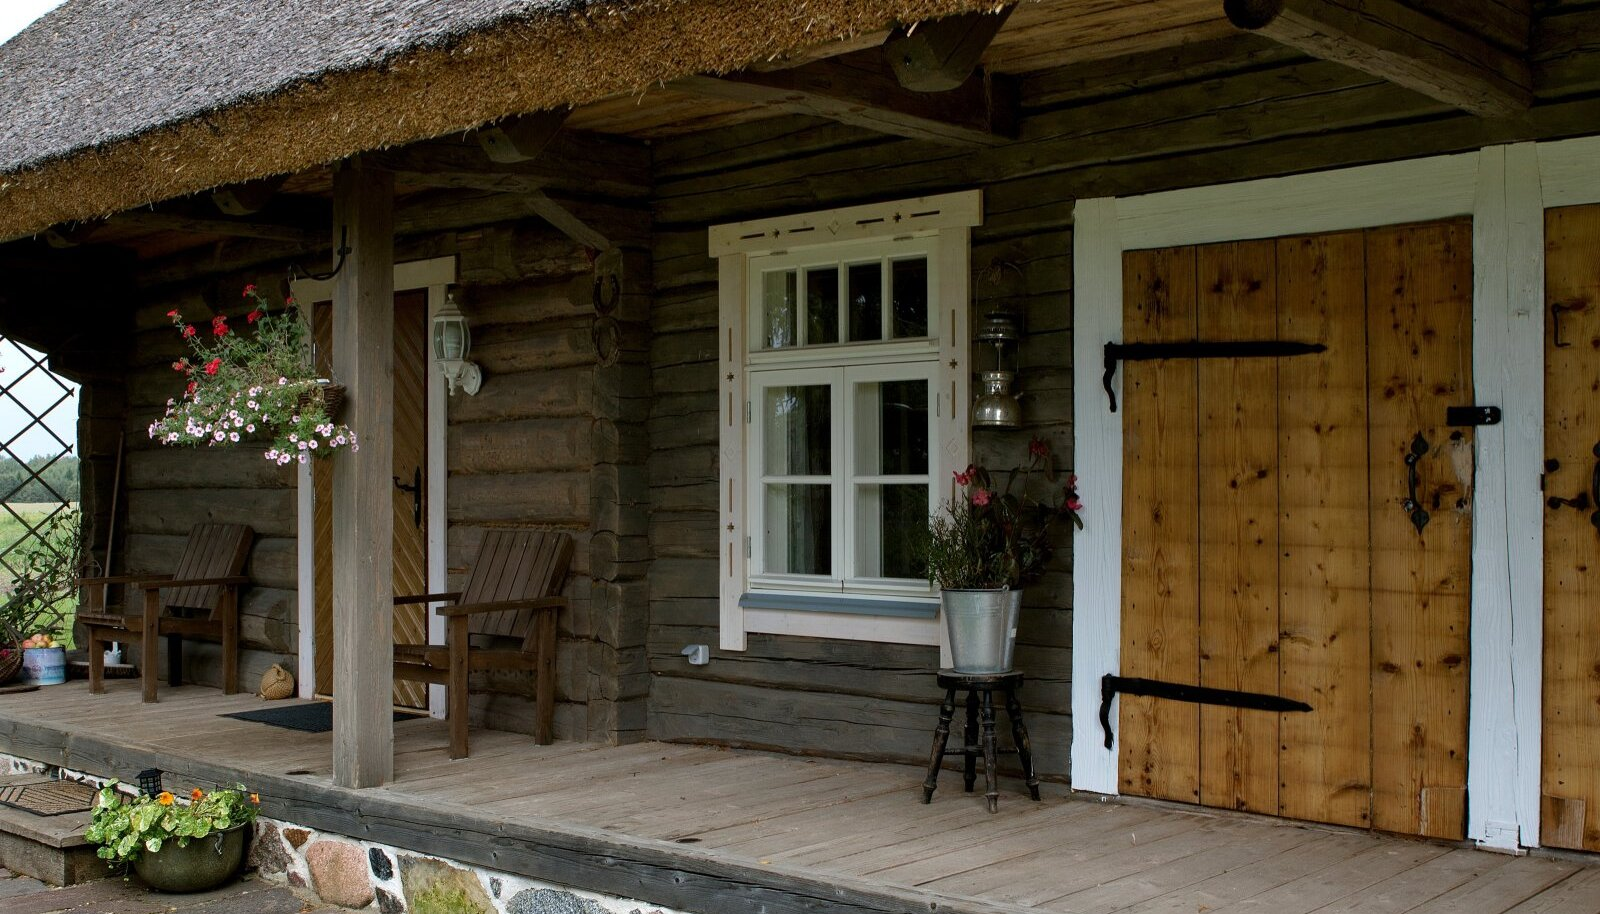 Tinnu talu tõllakuuriga ait Valgamaal on ajastutruult renoveeritud. Räästa all on hea vihmastel hommikutel kohvi juua.